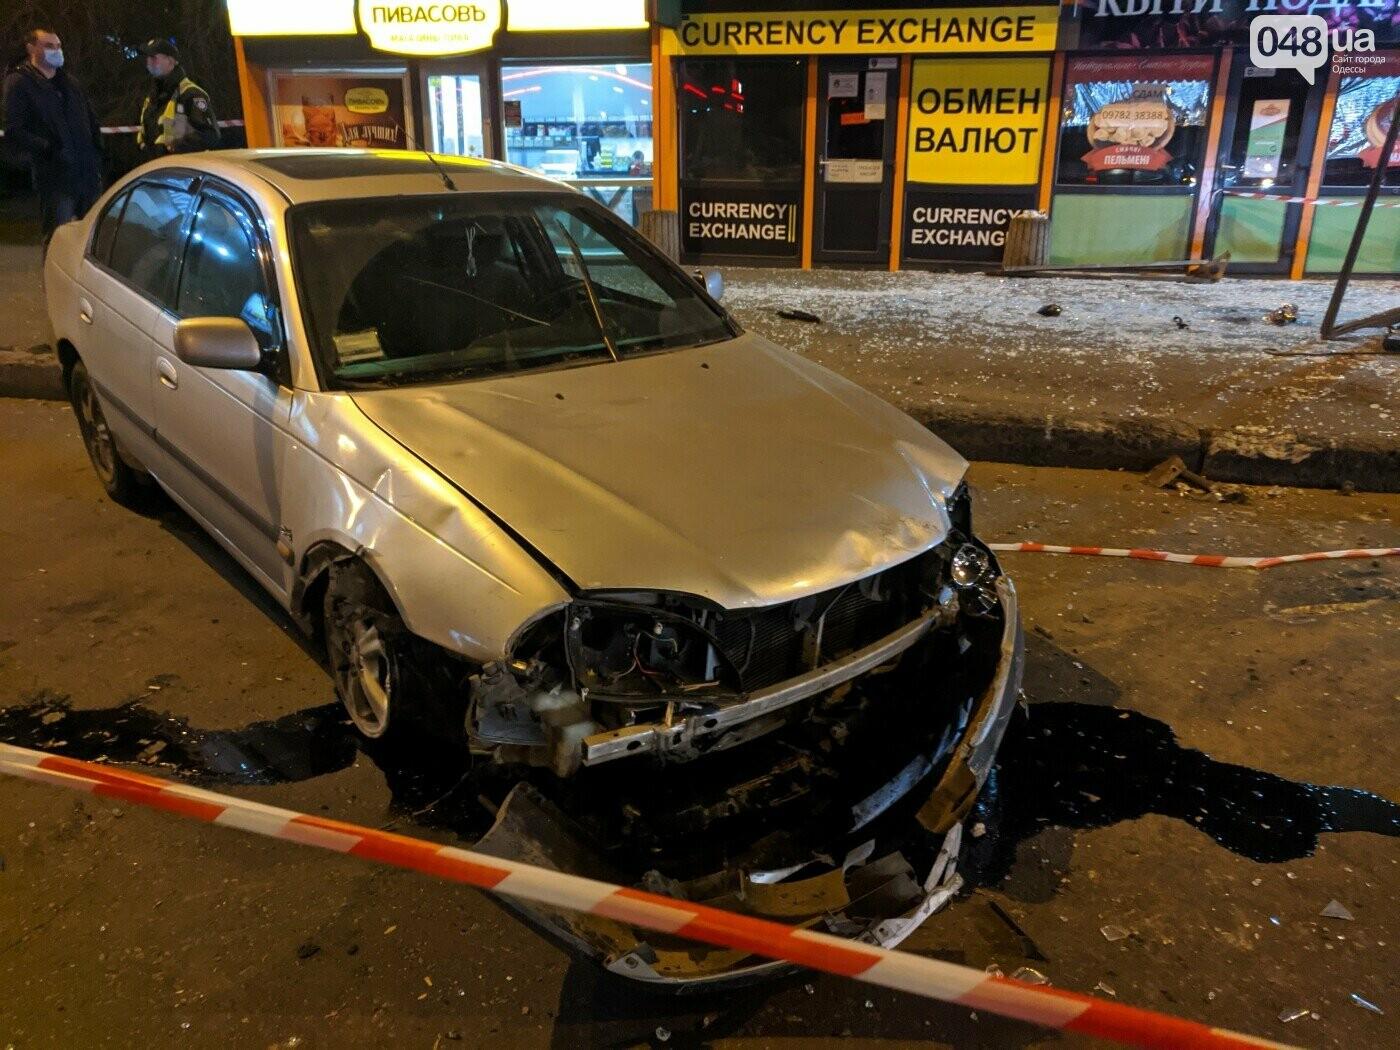 В Одессе передали в суд обвинение водителя, который въехал в остановку и травмировал людей,- ФОТО, фото-1